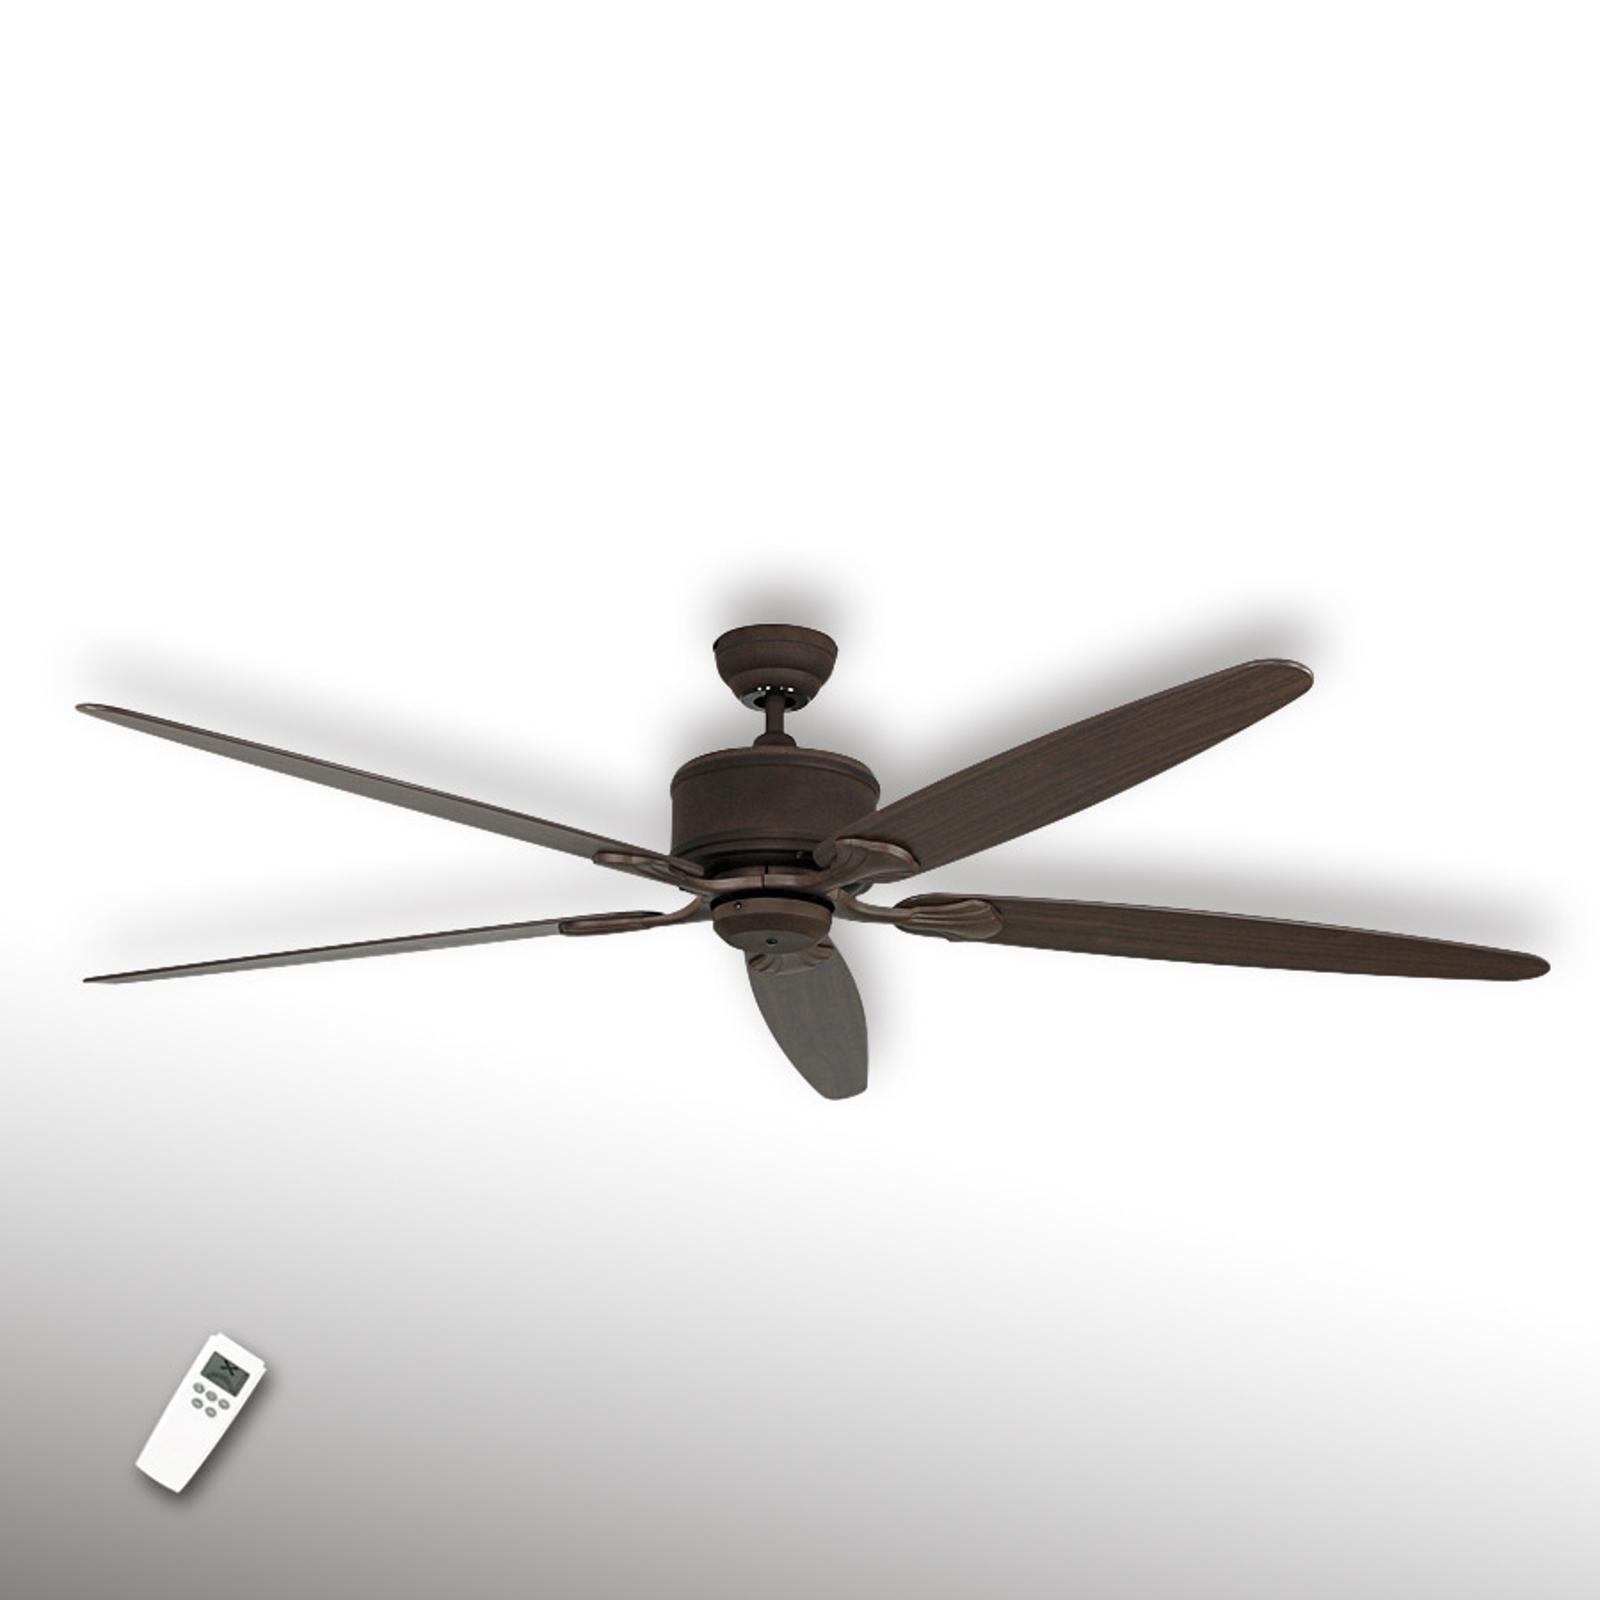 Ventilatore Eco Elements a 5 pale, marrone